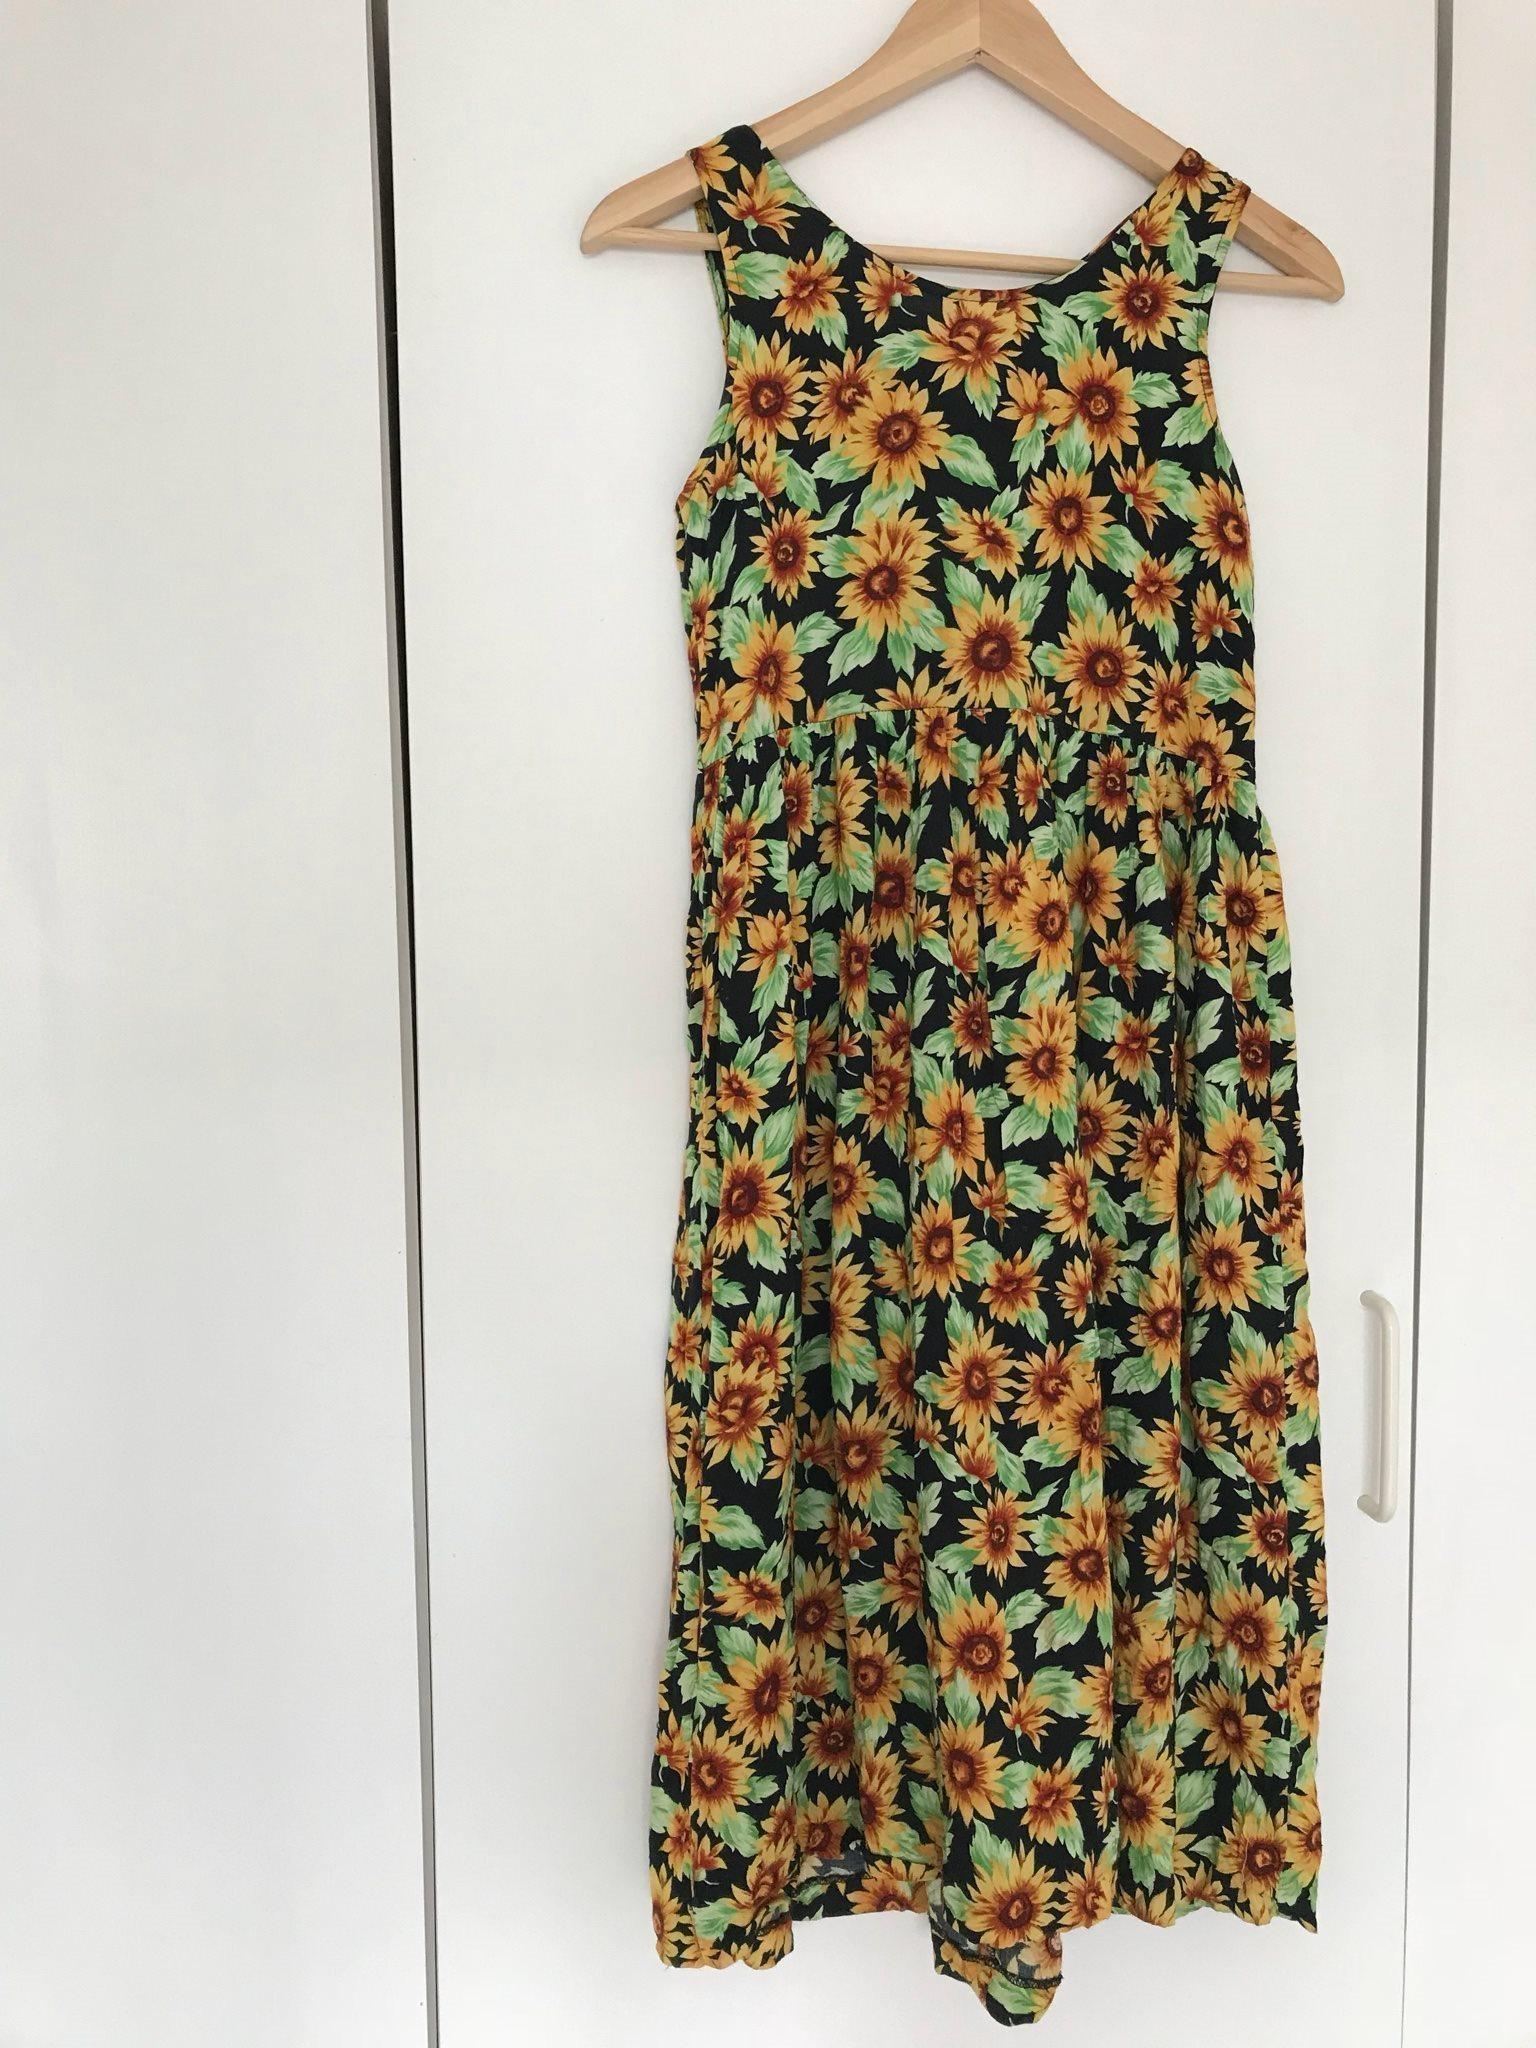 Vacker midi klänning solros second hand (319928147) ᐈ Köp på Tradera 2728f49b74f82